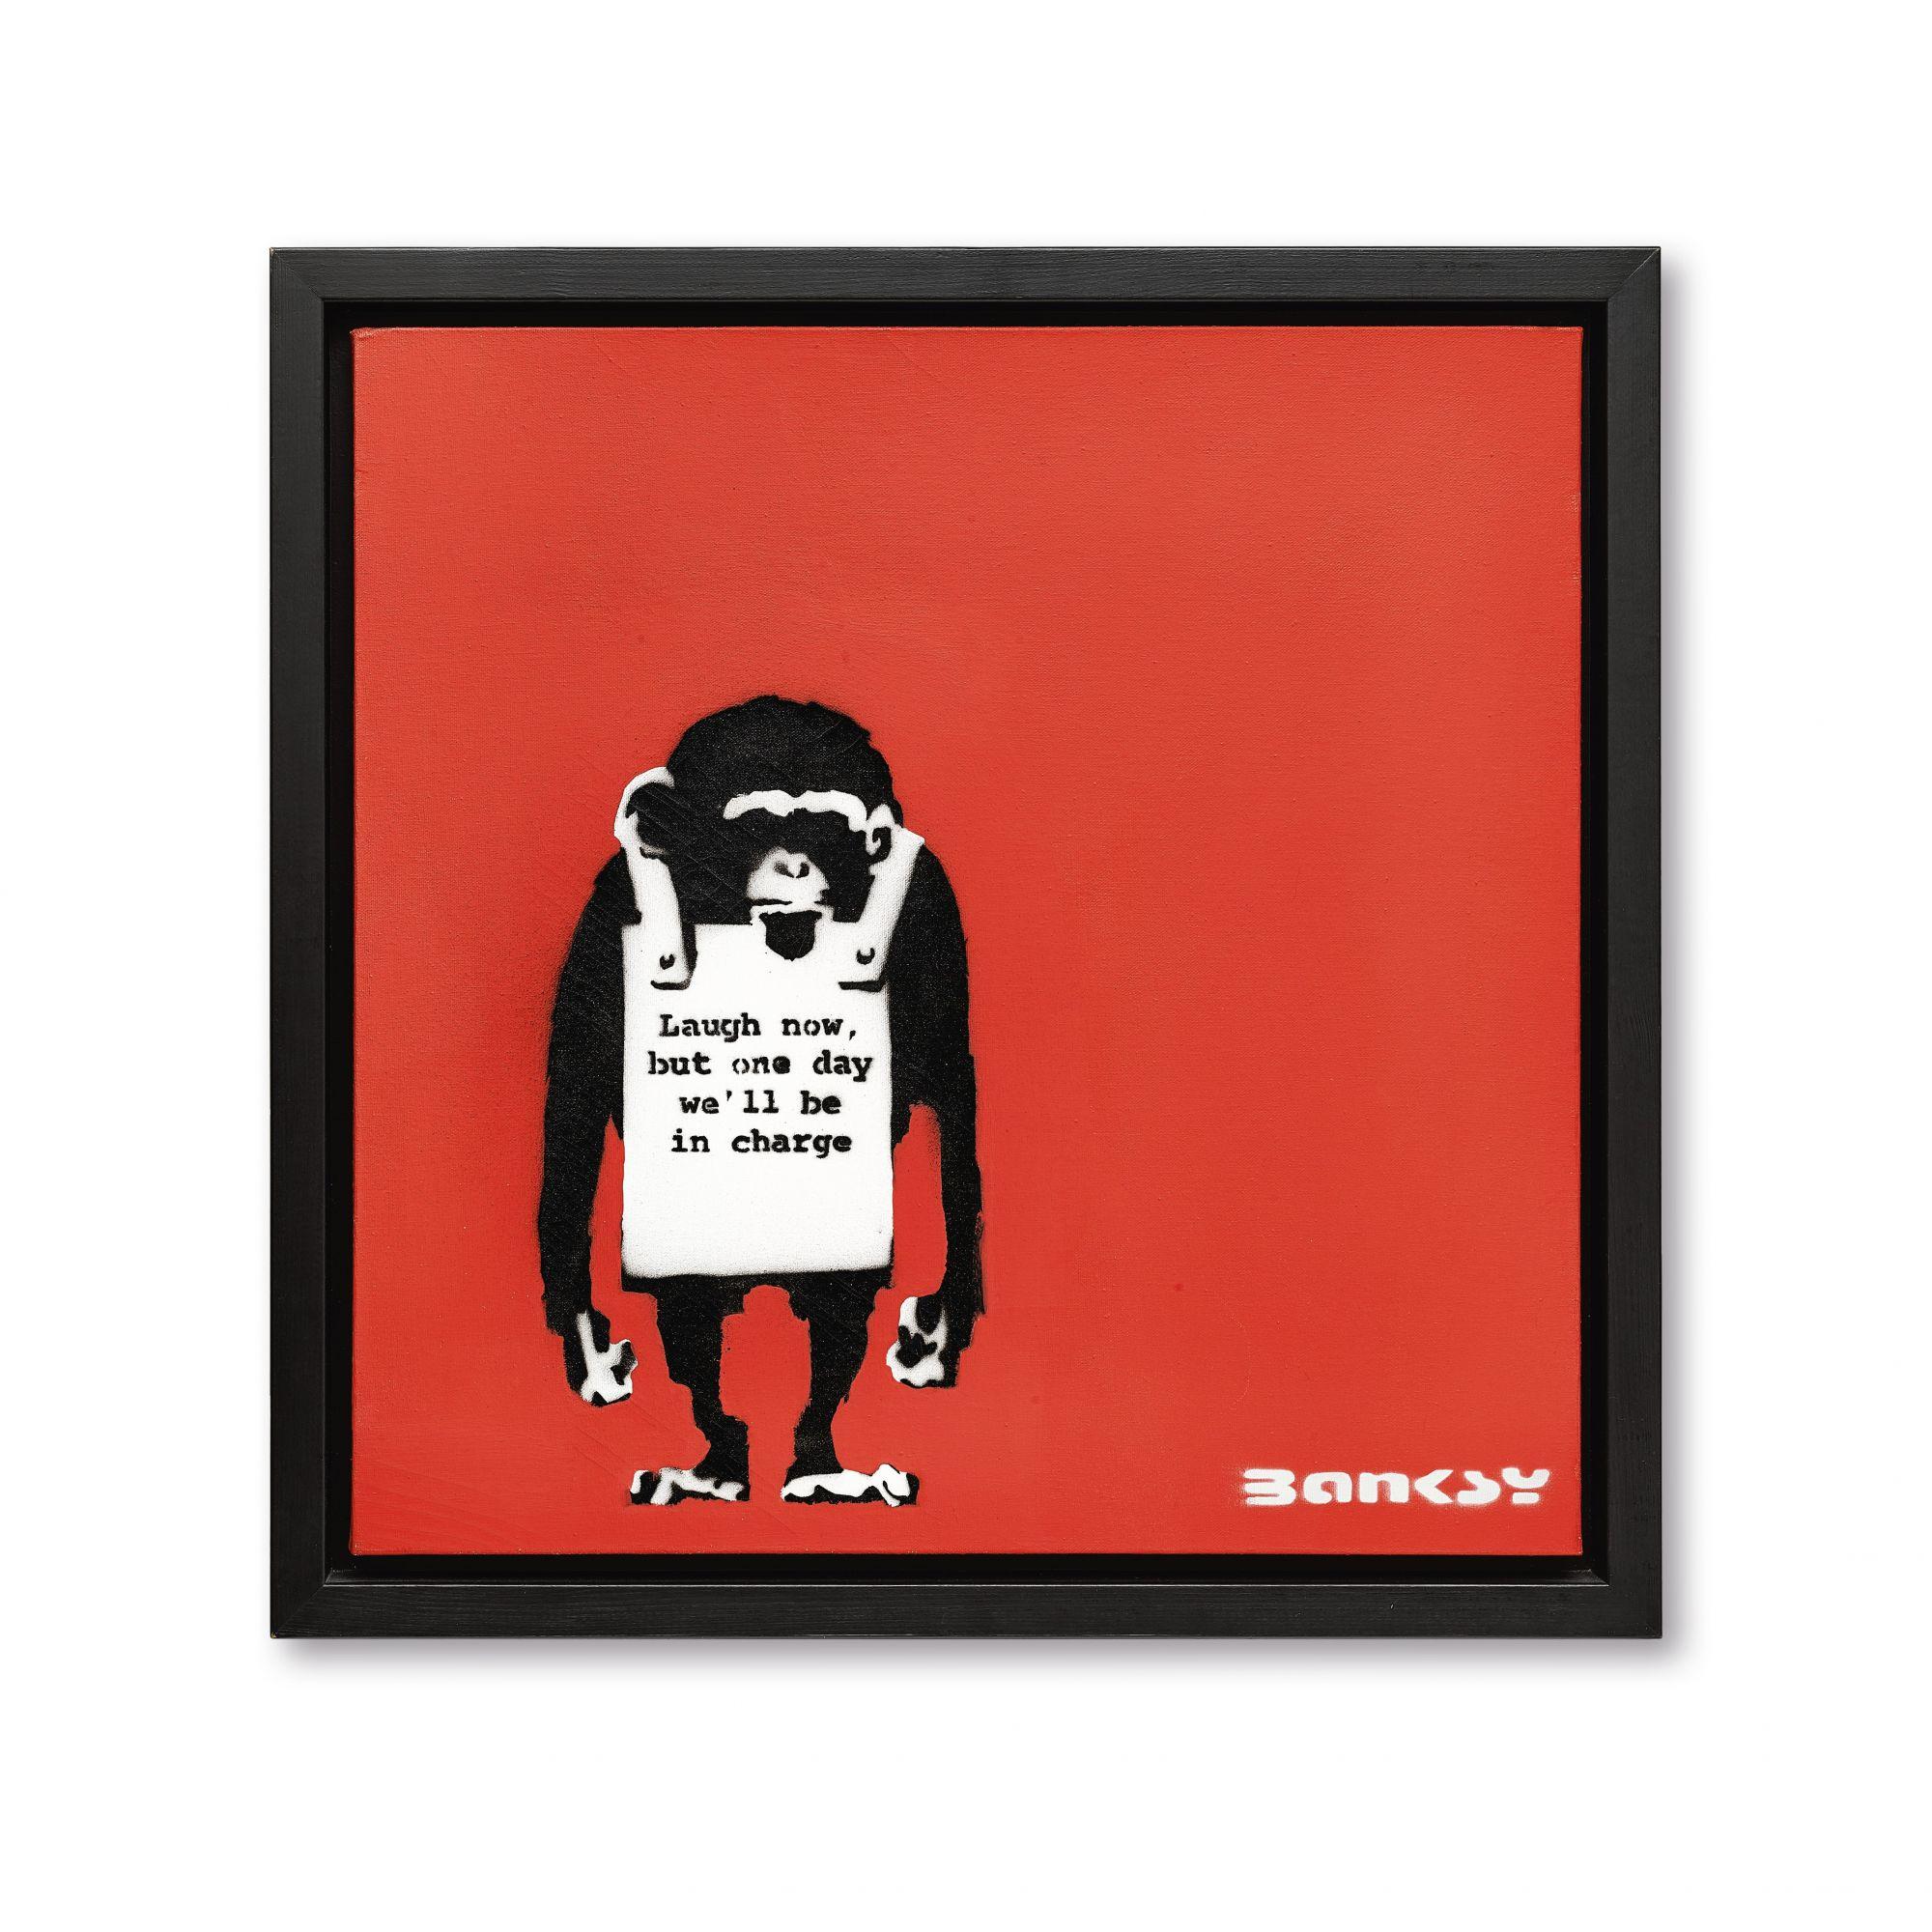 班克斯(Banksy) 《現在儘管笑吧,終有一天我們 將為主宰者》